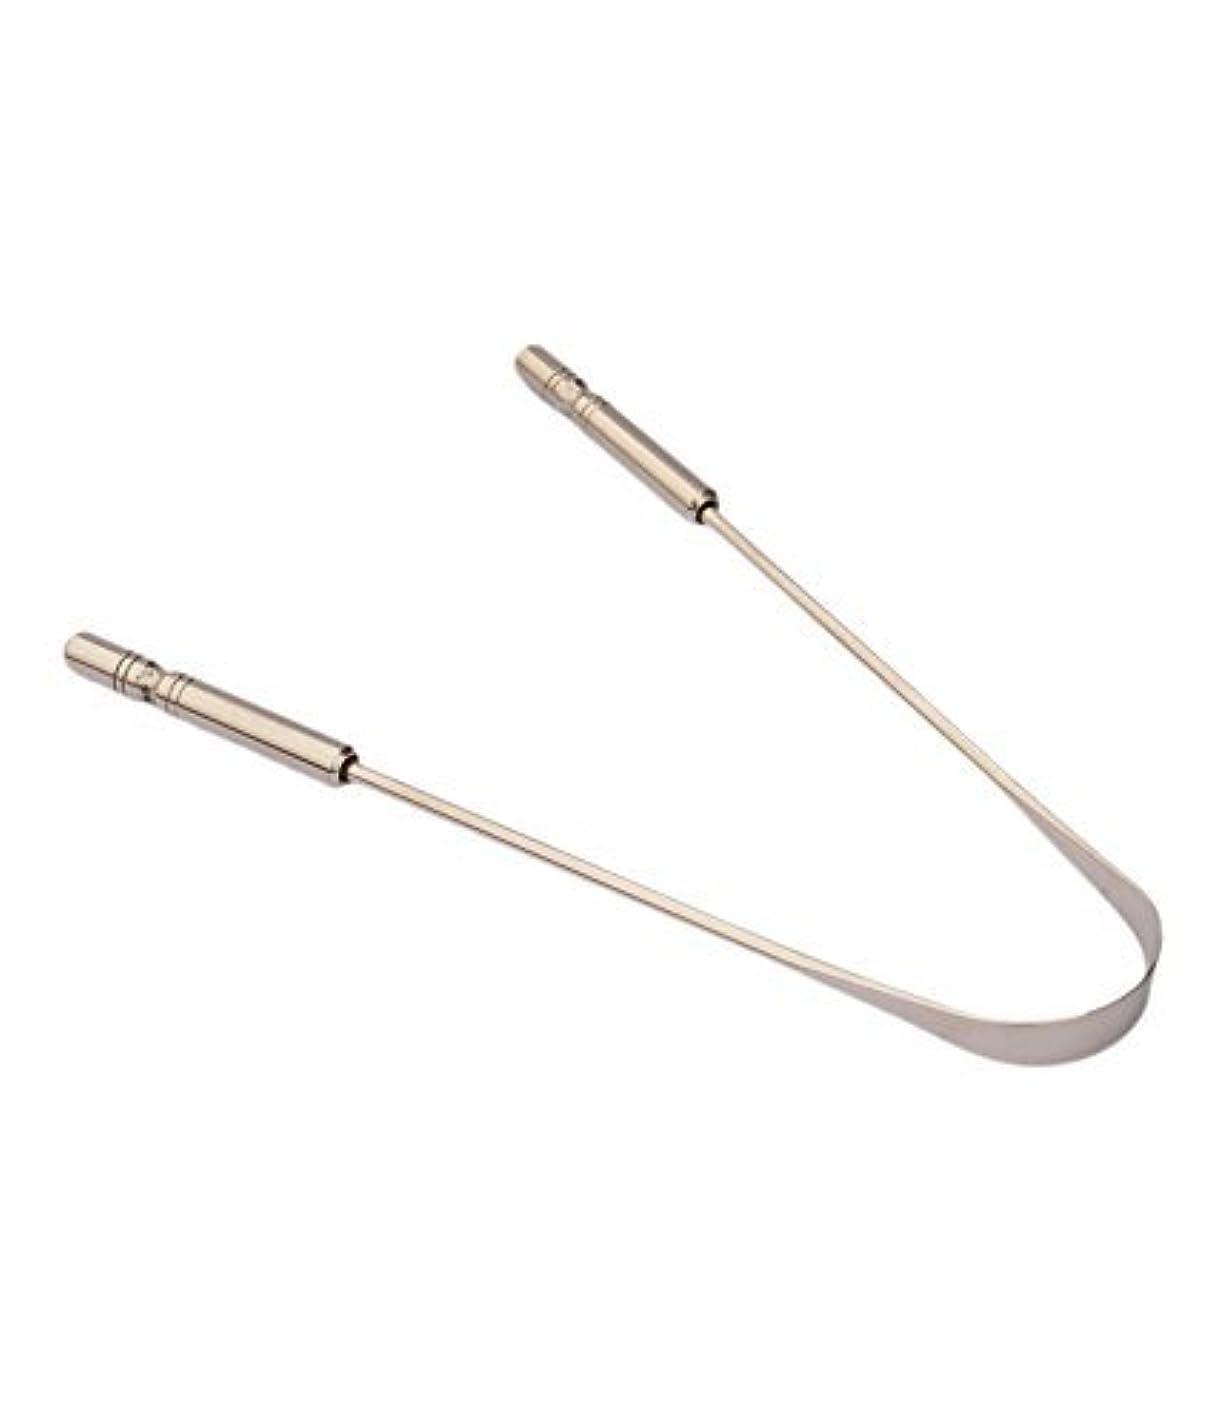 市場考えた不信2 Pcs Absolute Ayurvedic Tongue Cleaner (Stainless Steel) for Men and Women Oral Care Recommended By Professional...